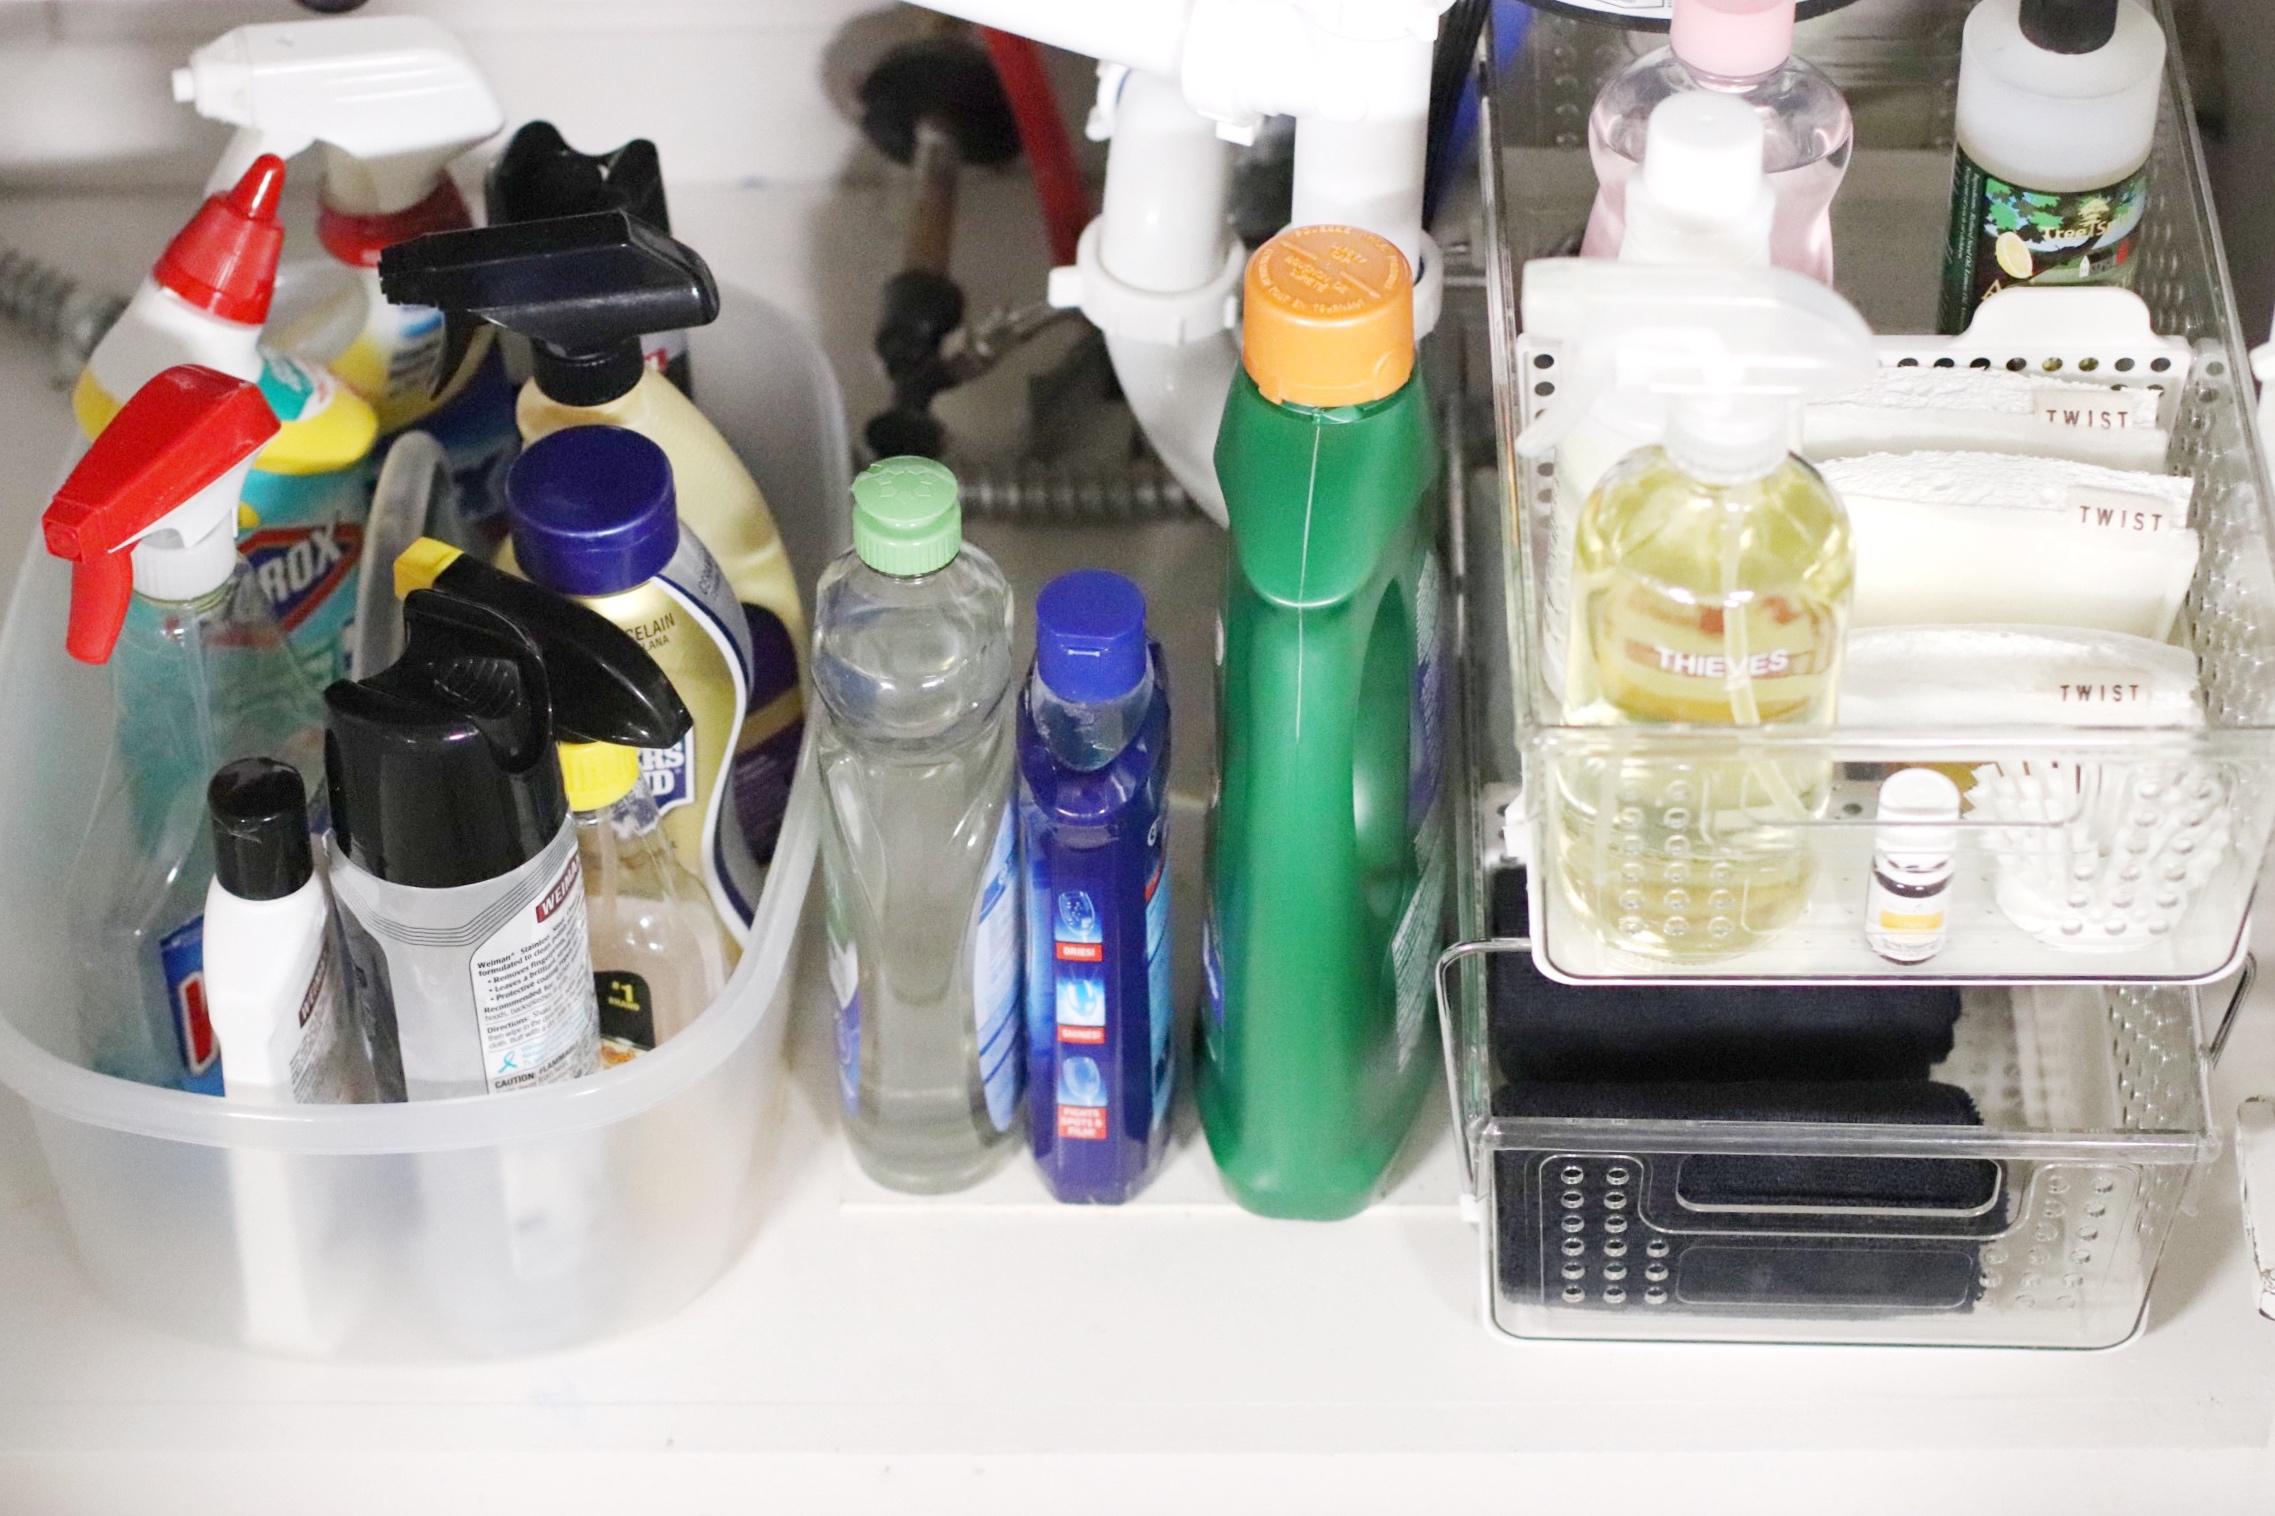 under-the-sick-kitchen-organization